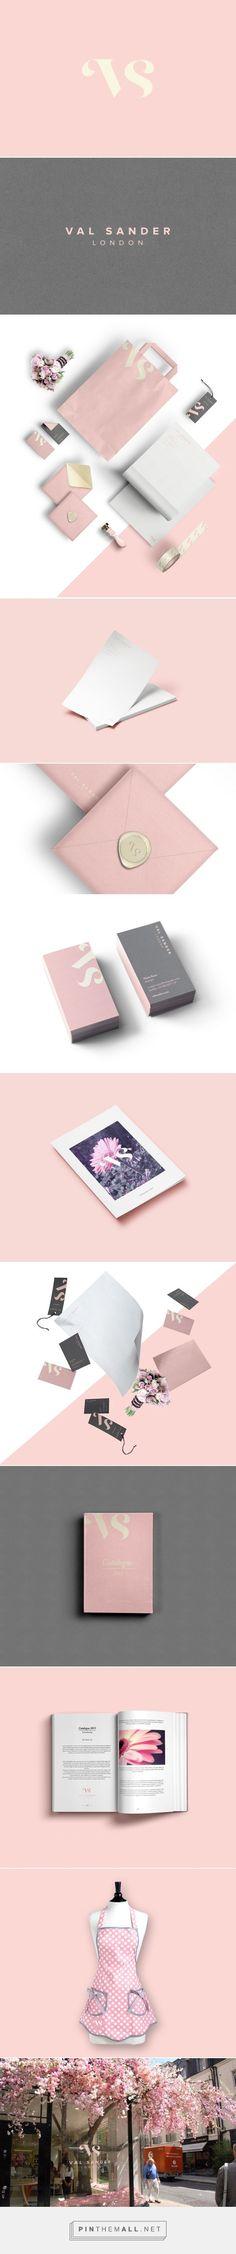 Val Sander\'s flower shop on Behance